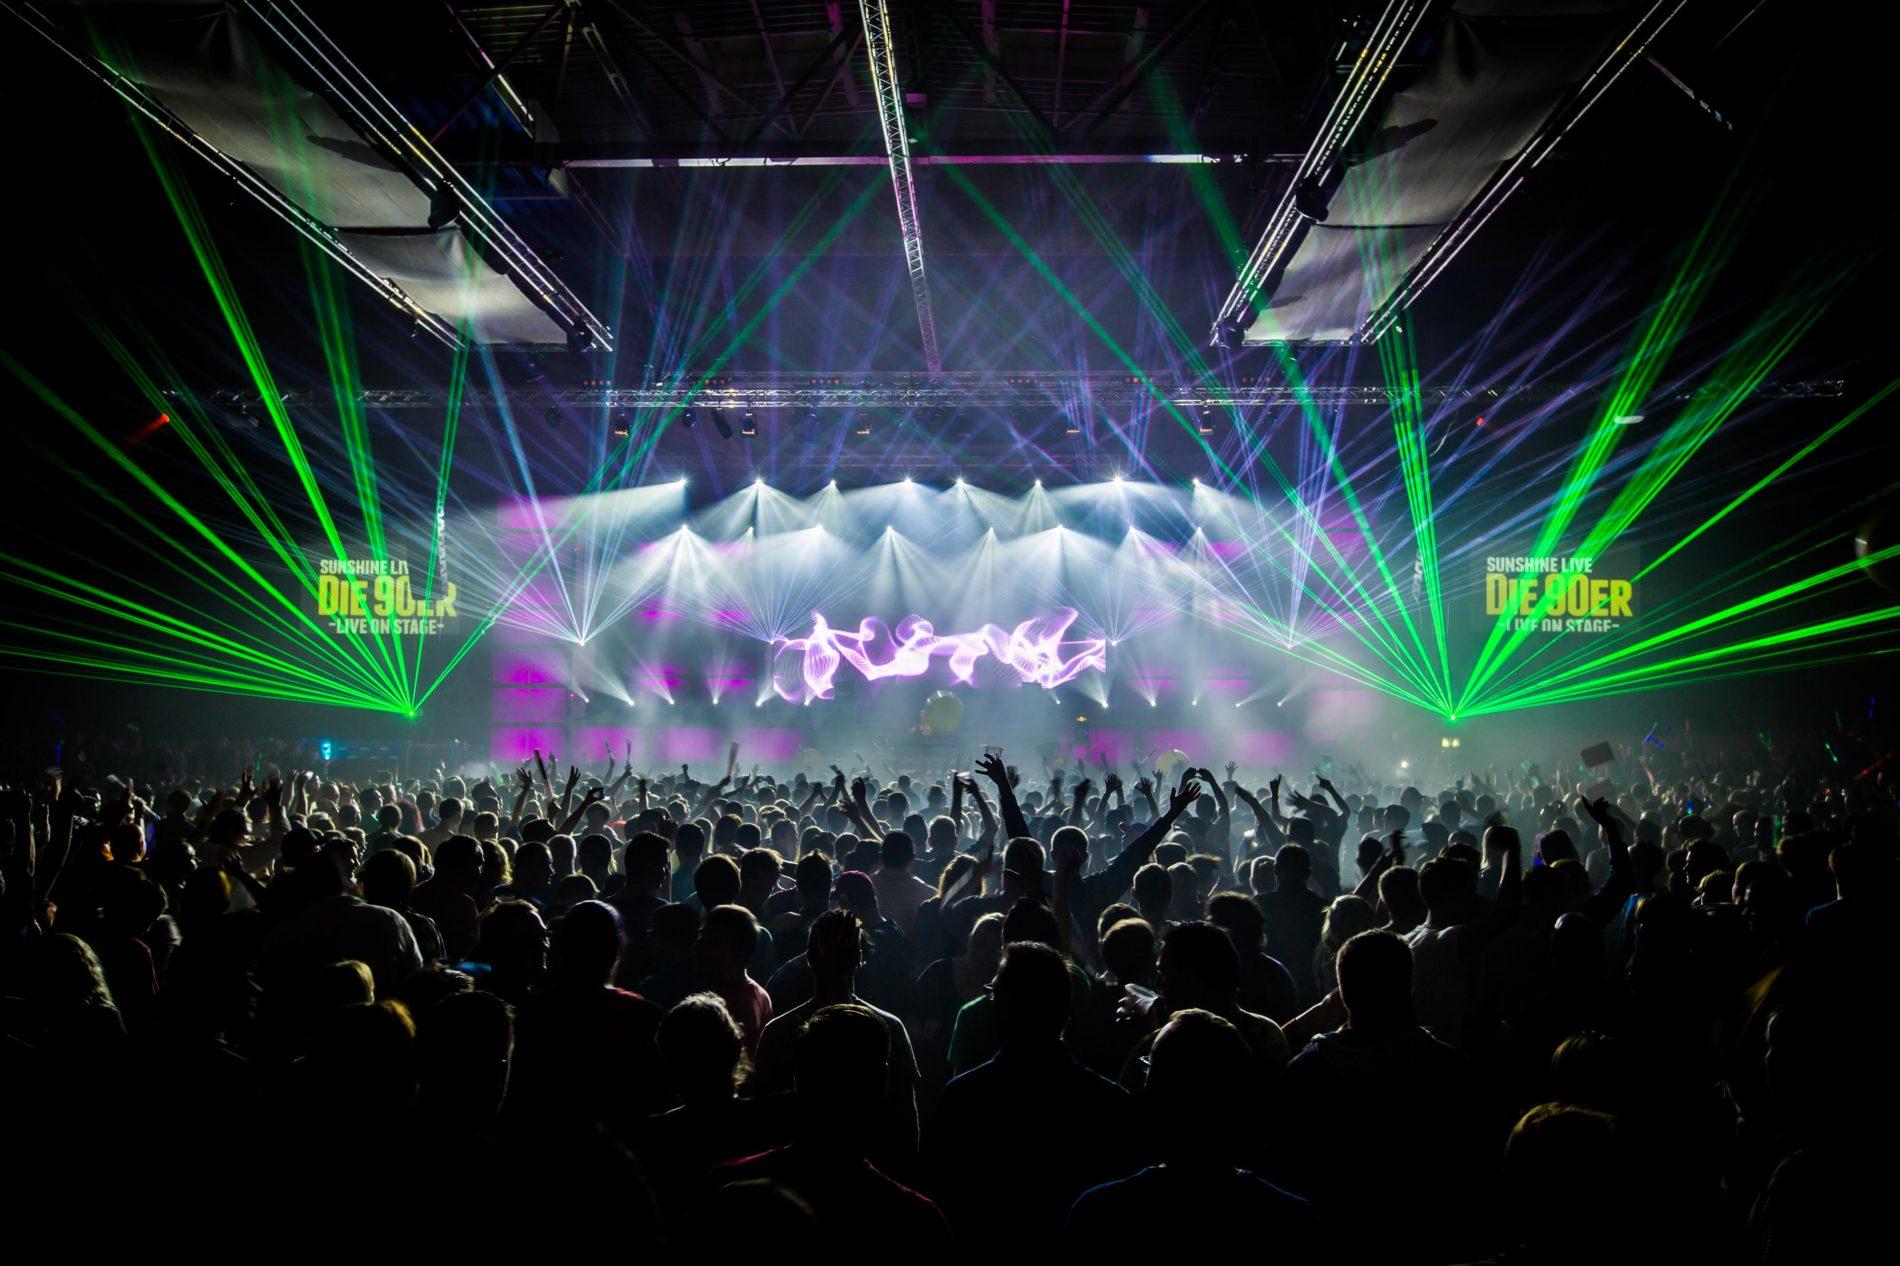 Sunshine Live – Die 90er Live on Stage